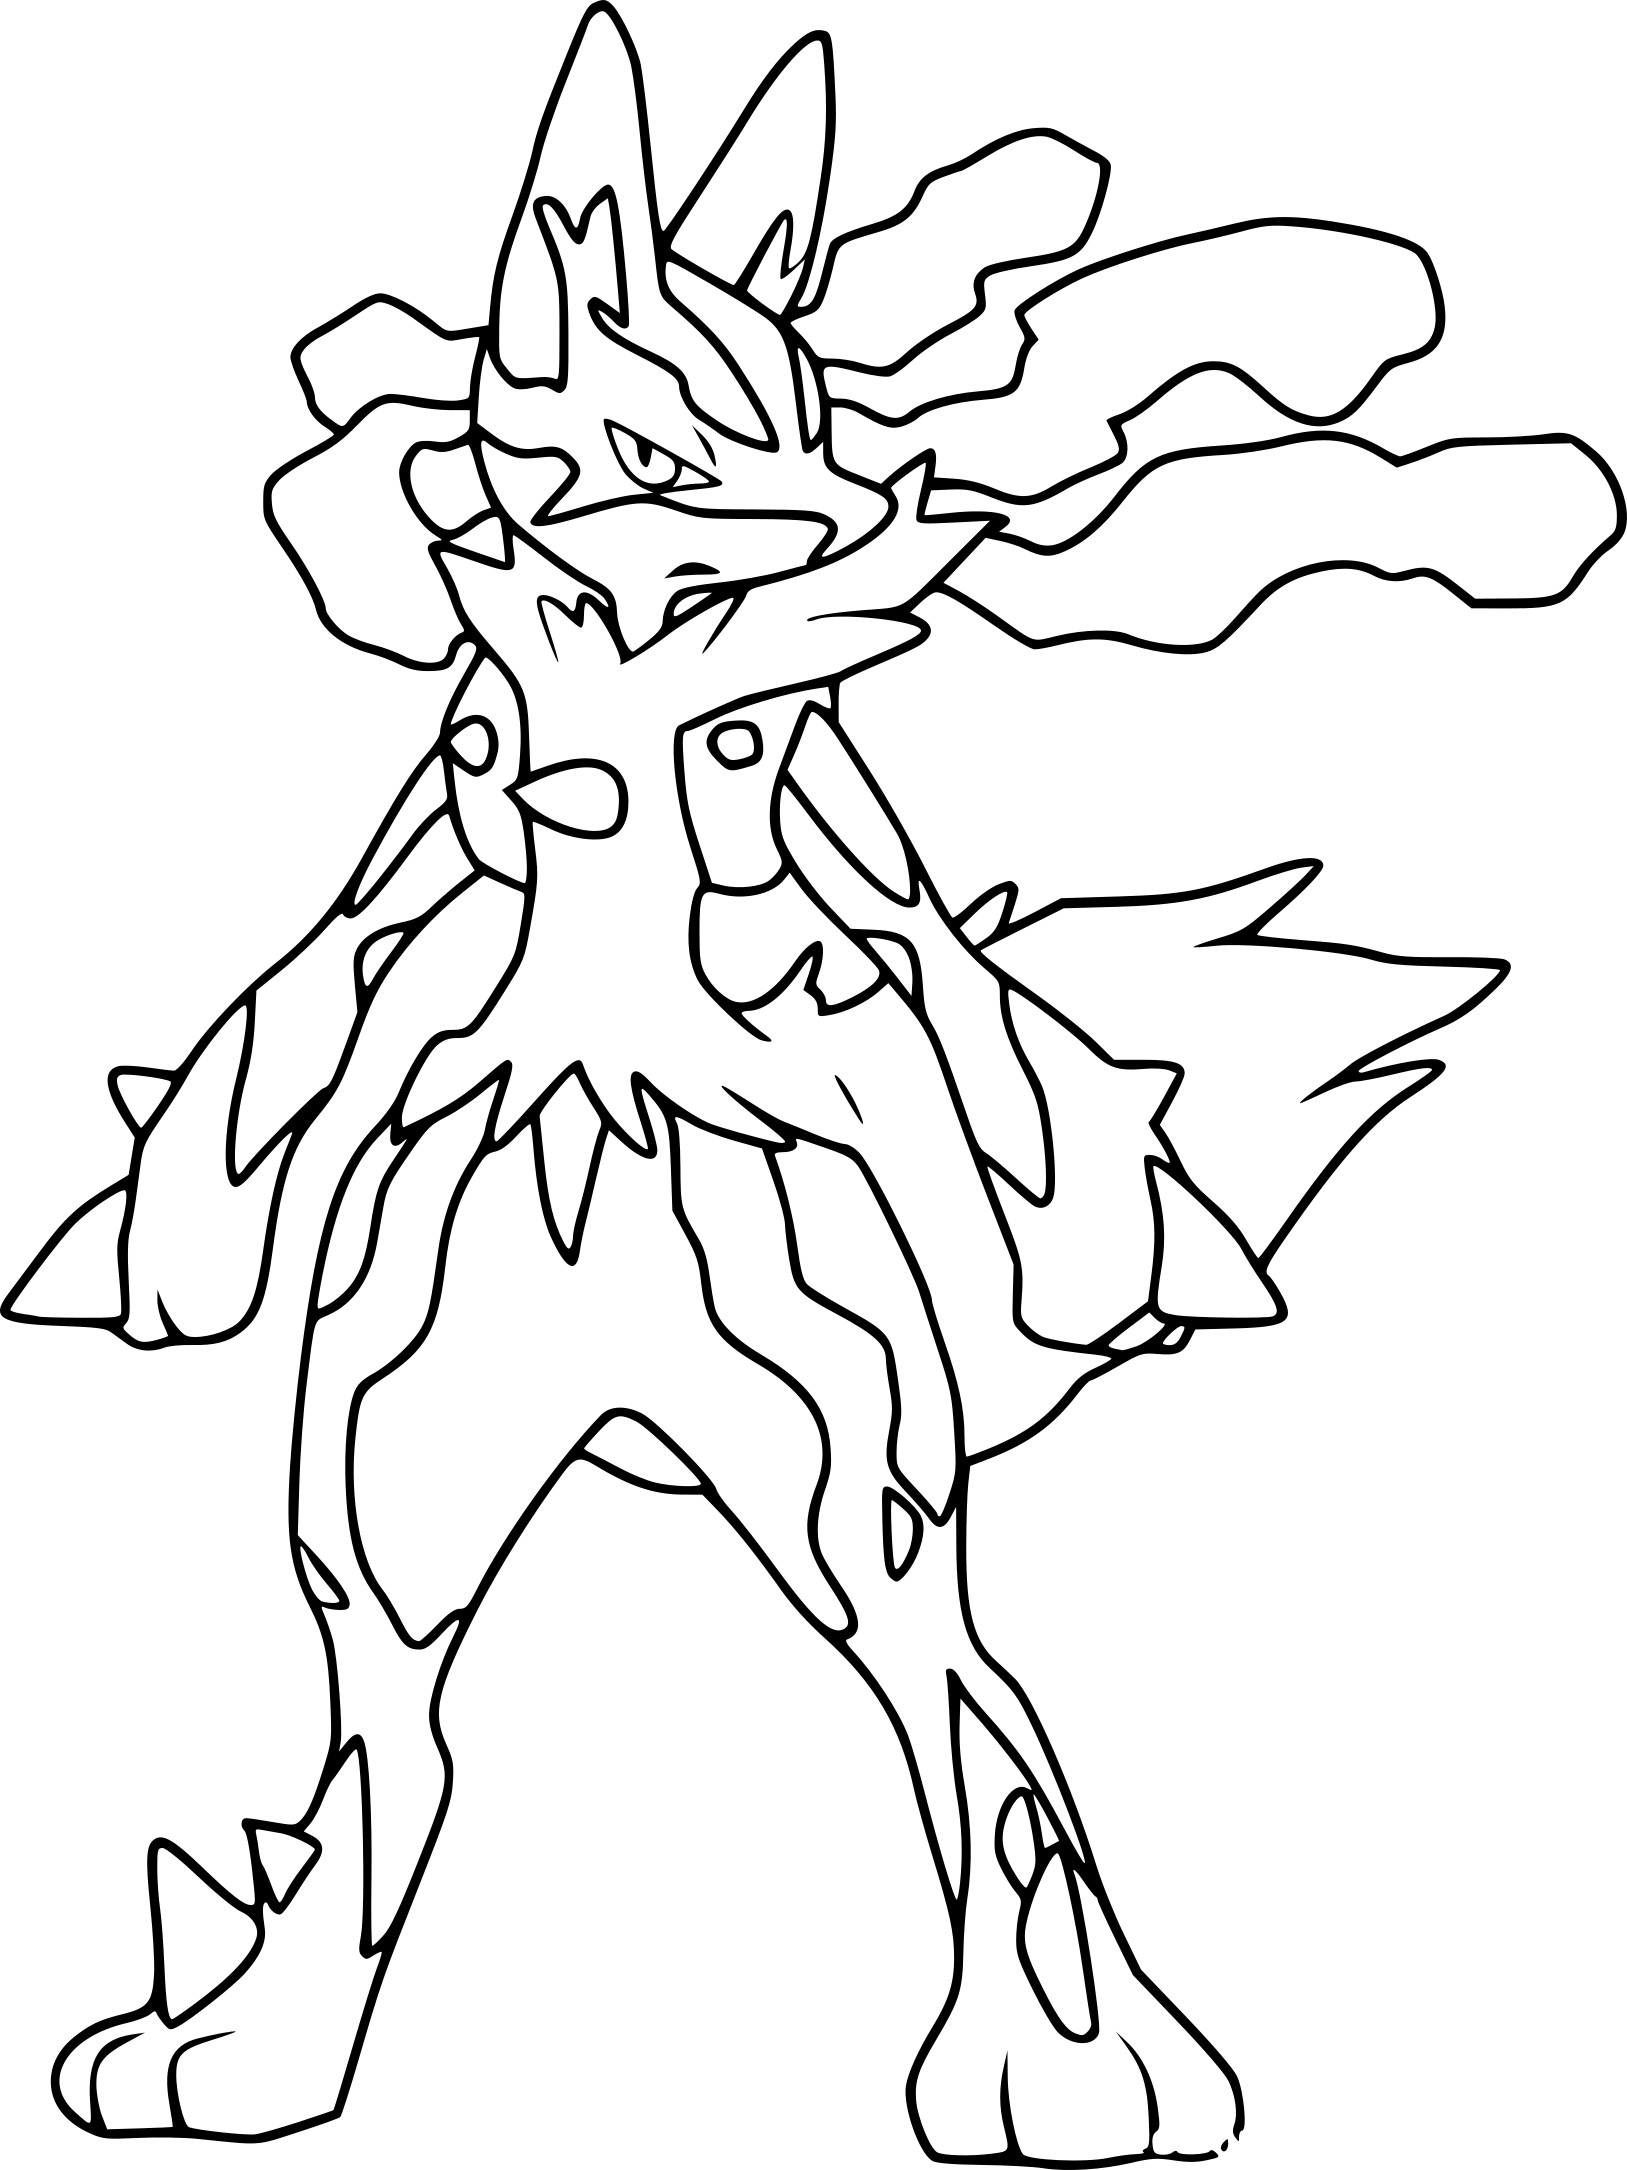 159 Dessins De Coloriage Pokemon À Imprimer à Coloriage De Pokémon Gratuit